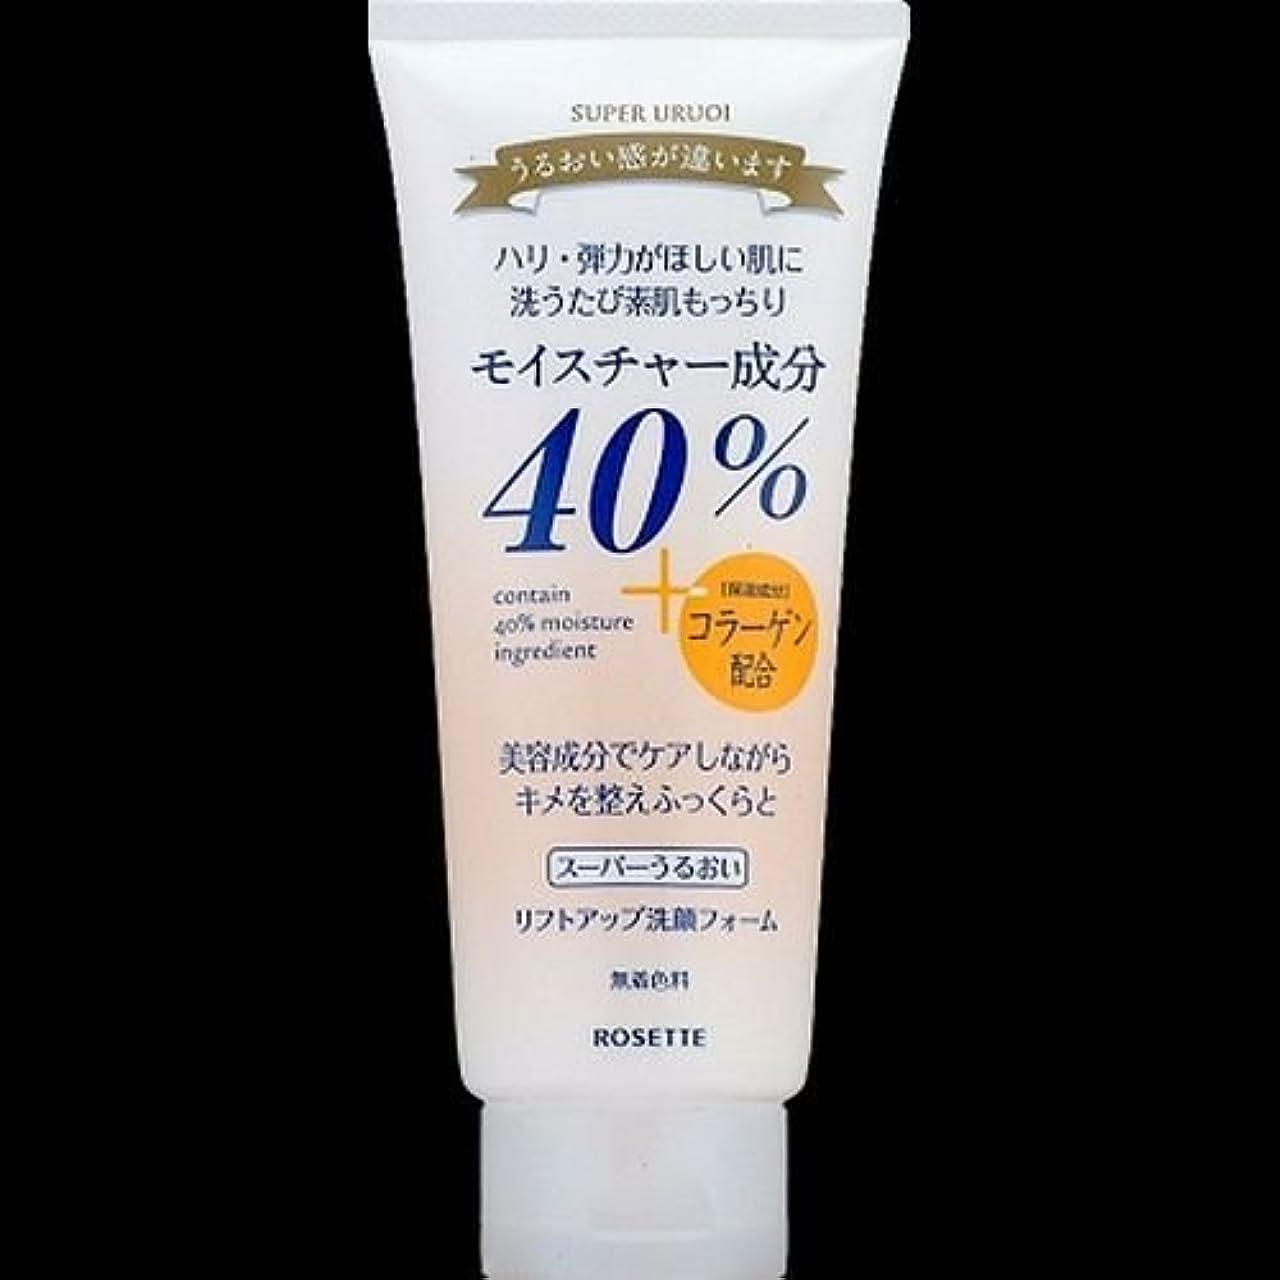 迷信失礼最大化する【まとめ買い】ロゼット 40%スーパーうるおいリフトアップ洗顔フォーム 168g ×2セット